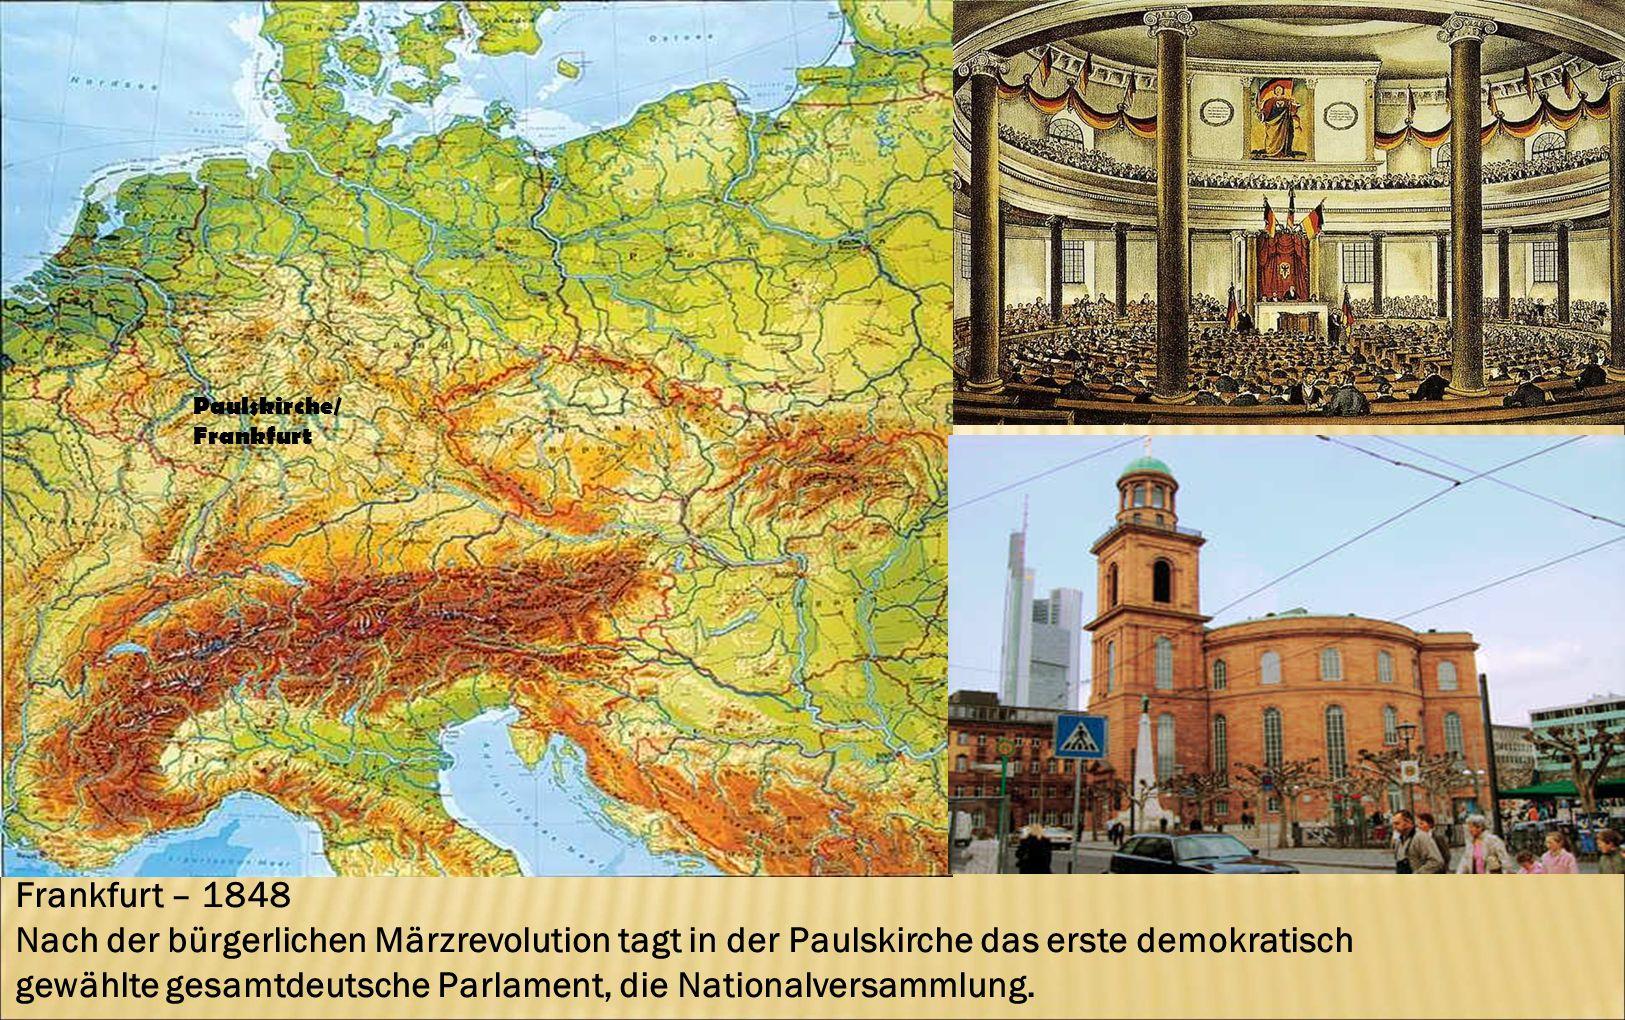 Paulskirche/ Frankfurt Frankfurt – 1848 Nach der bürgerlichen Märzrevolution tagt in der Paulskirche das erste demokratisch gewählte gesamtdeutsche Pa